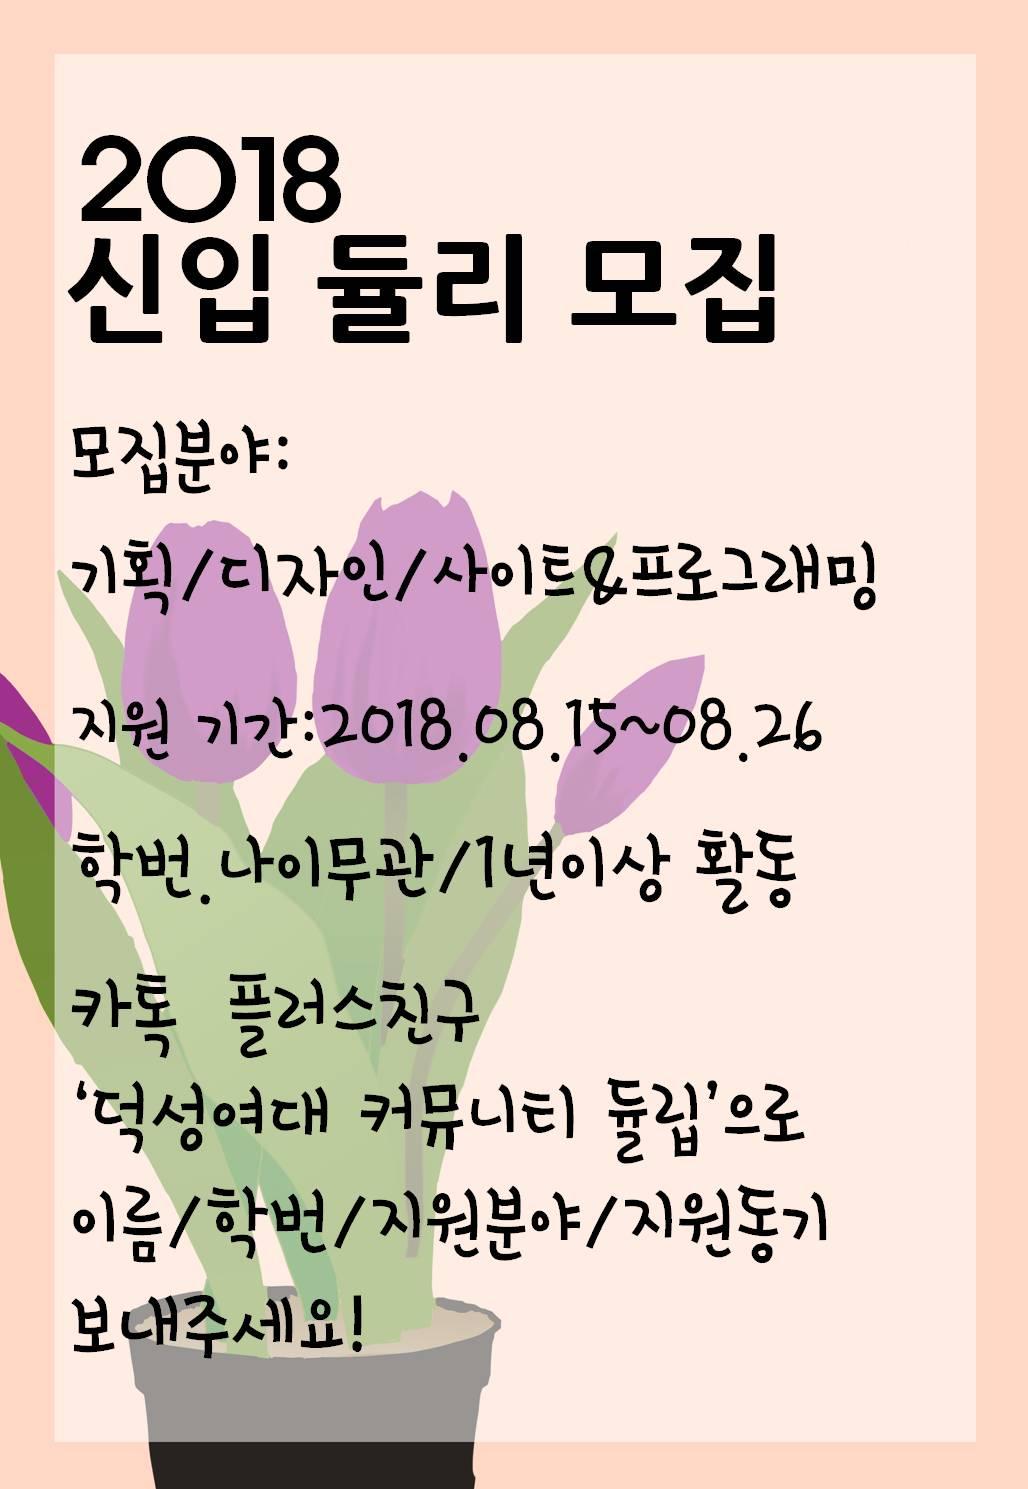 2018 신입 듈리 모집.jpg